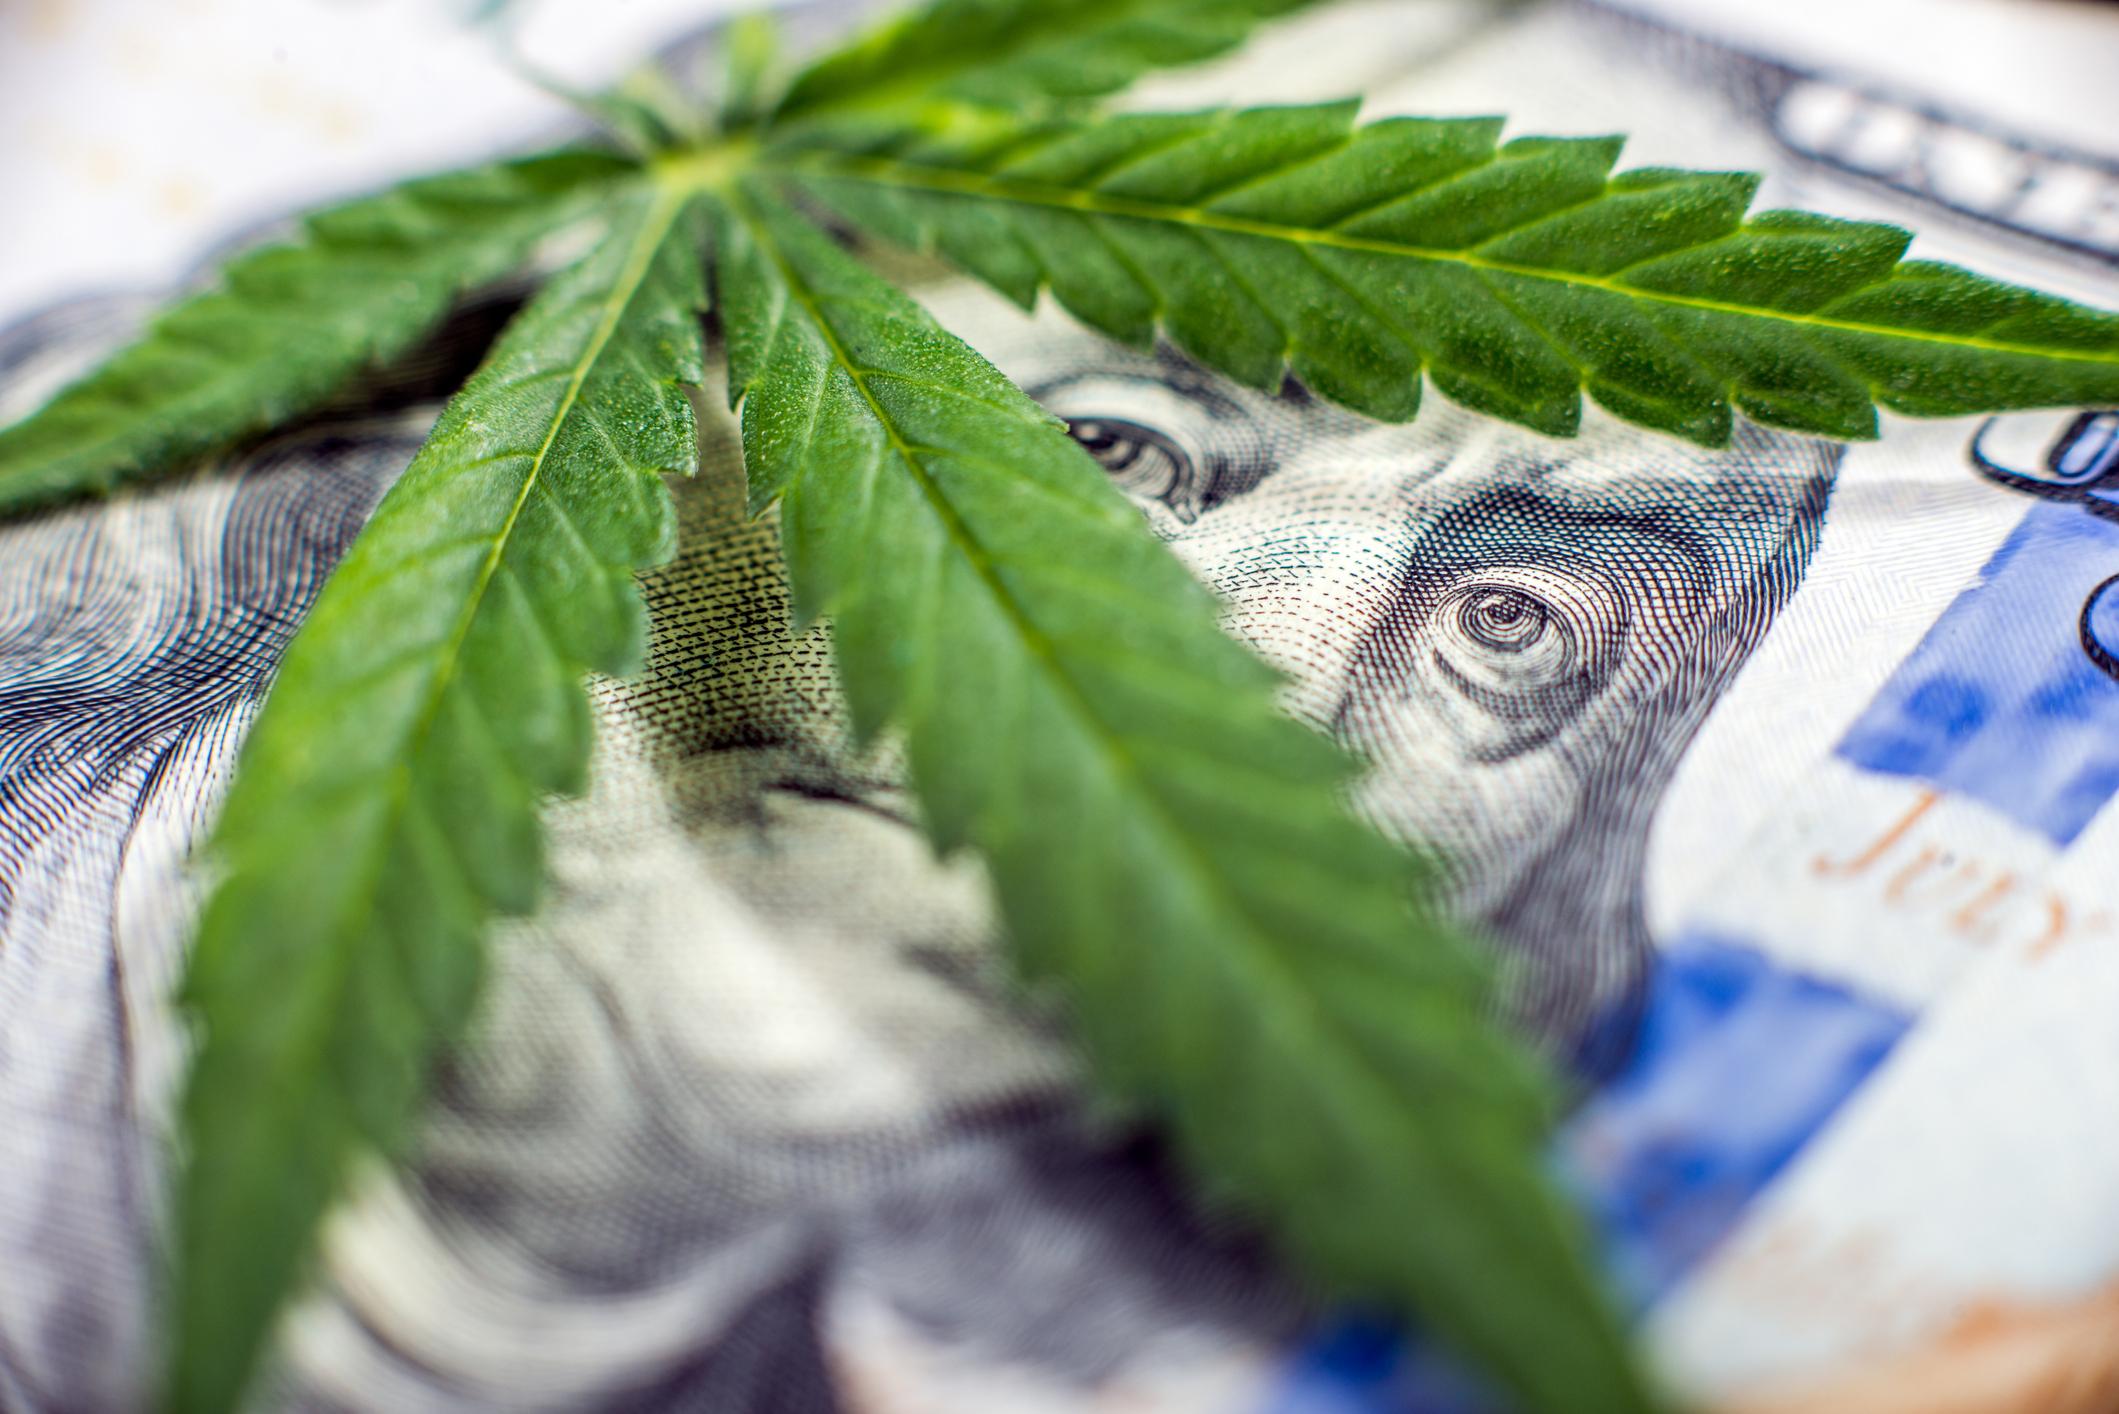 A marijuana leaf on top of a $100 bill